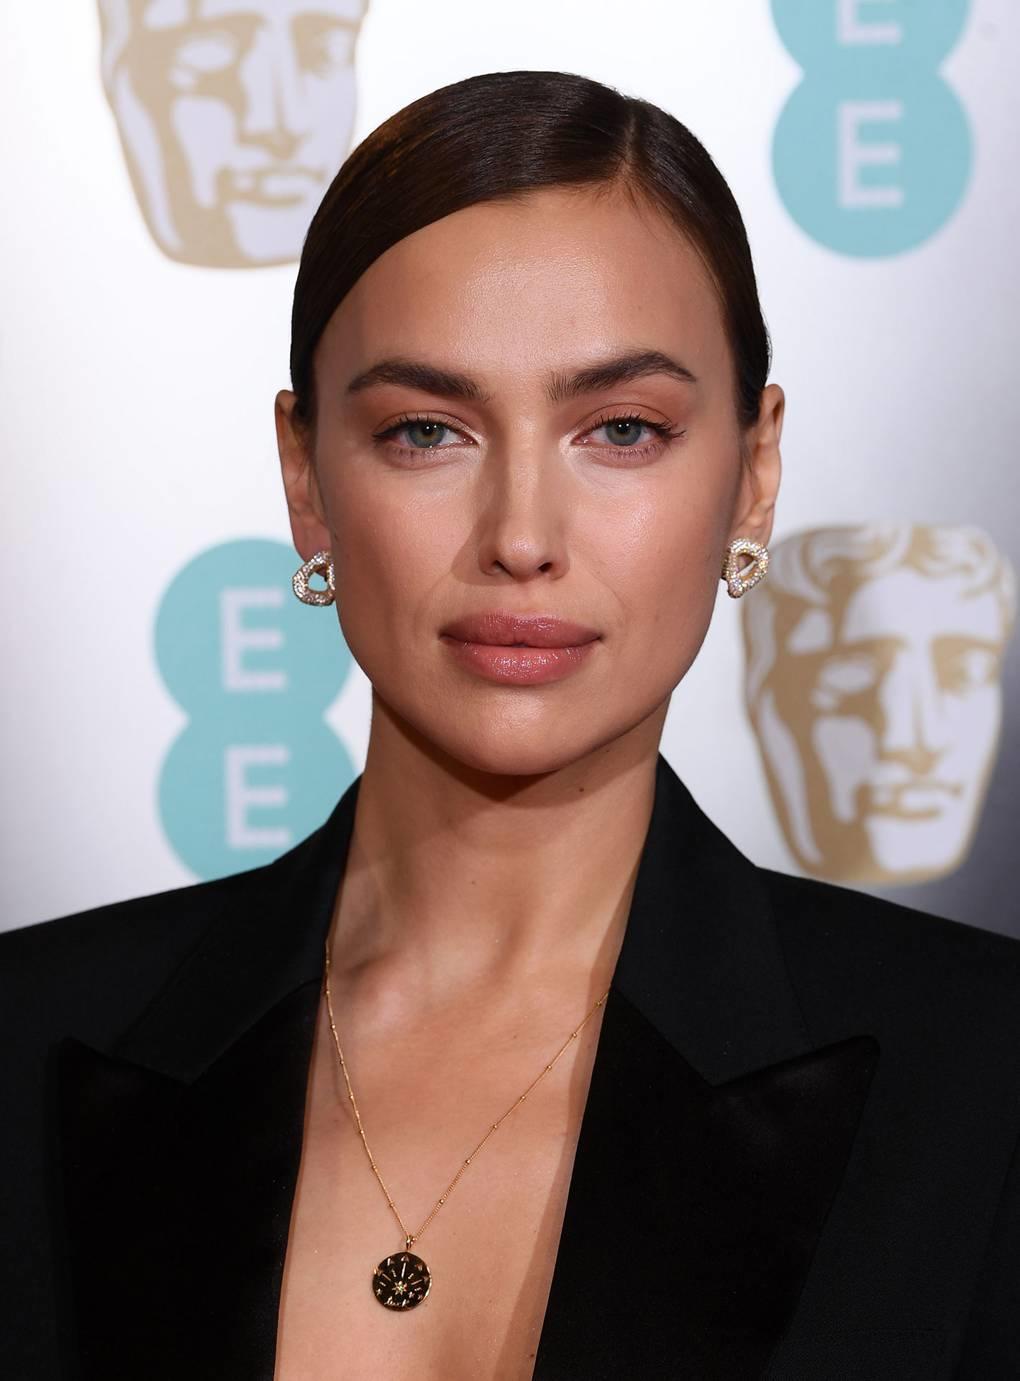 BAFTAS irina shayk